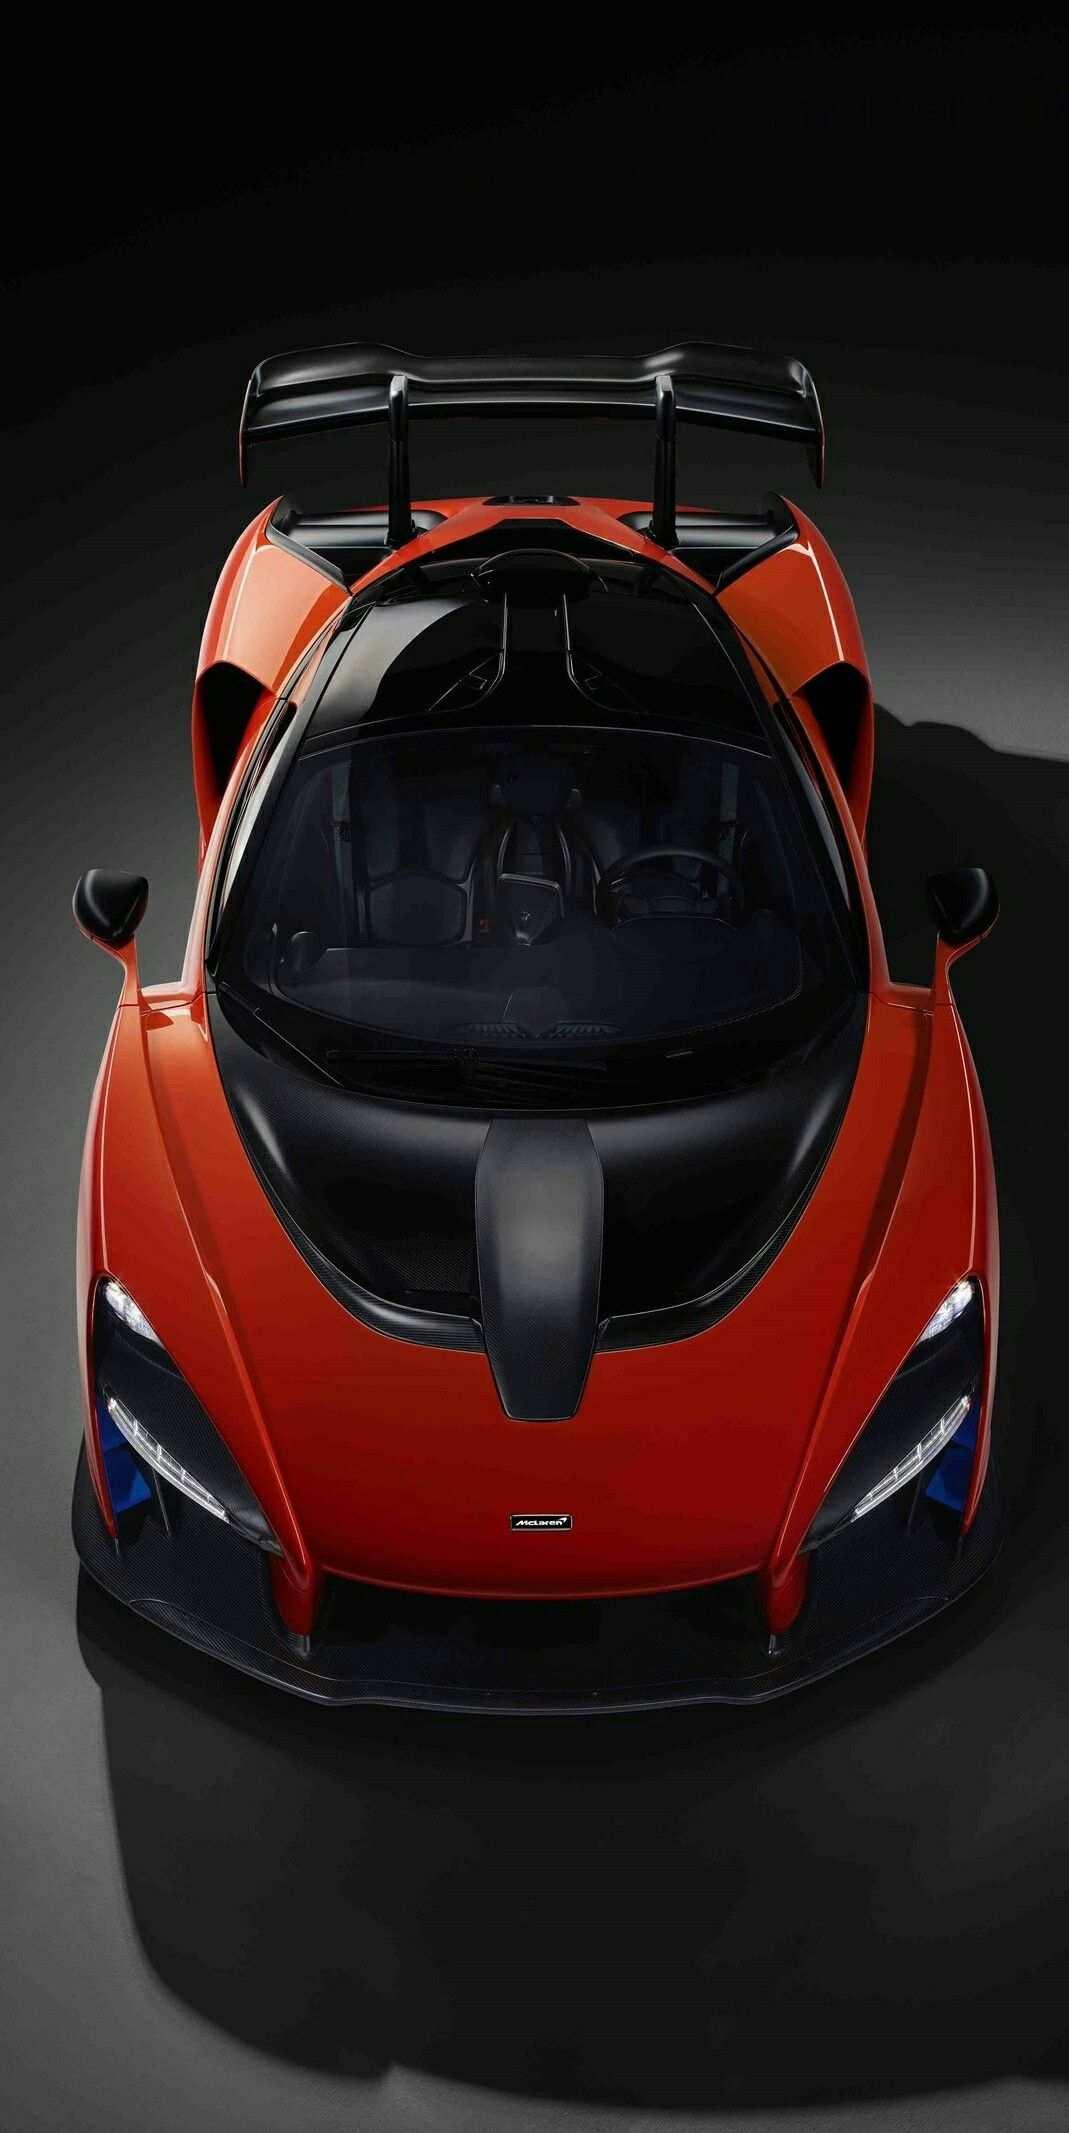 77 Concept of 2019 Mclaren P15 Model with 2019 Mclaren P15